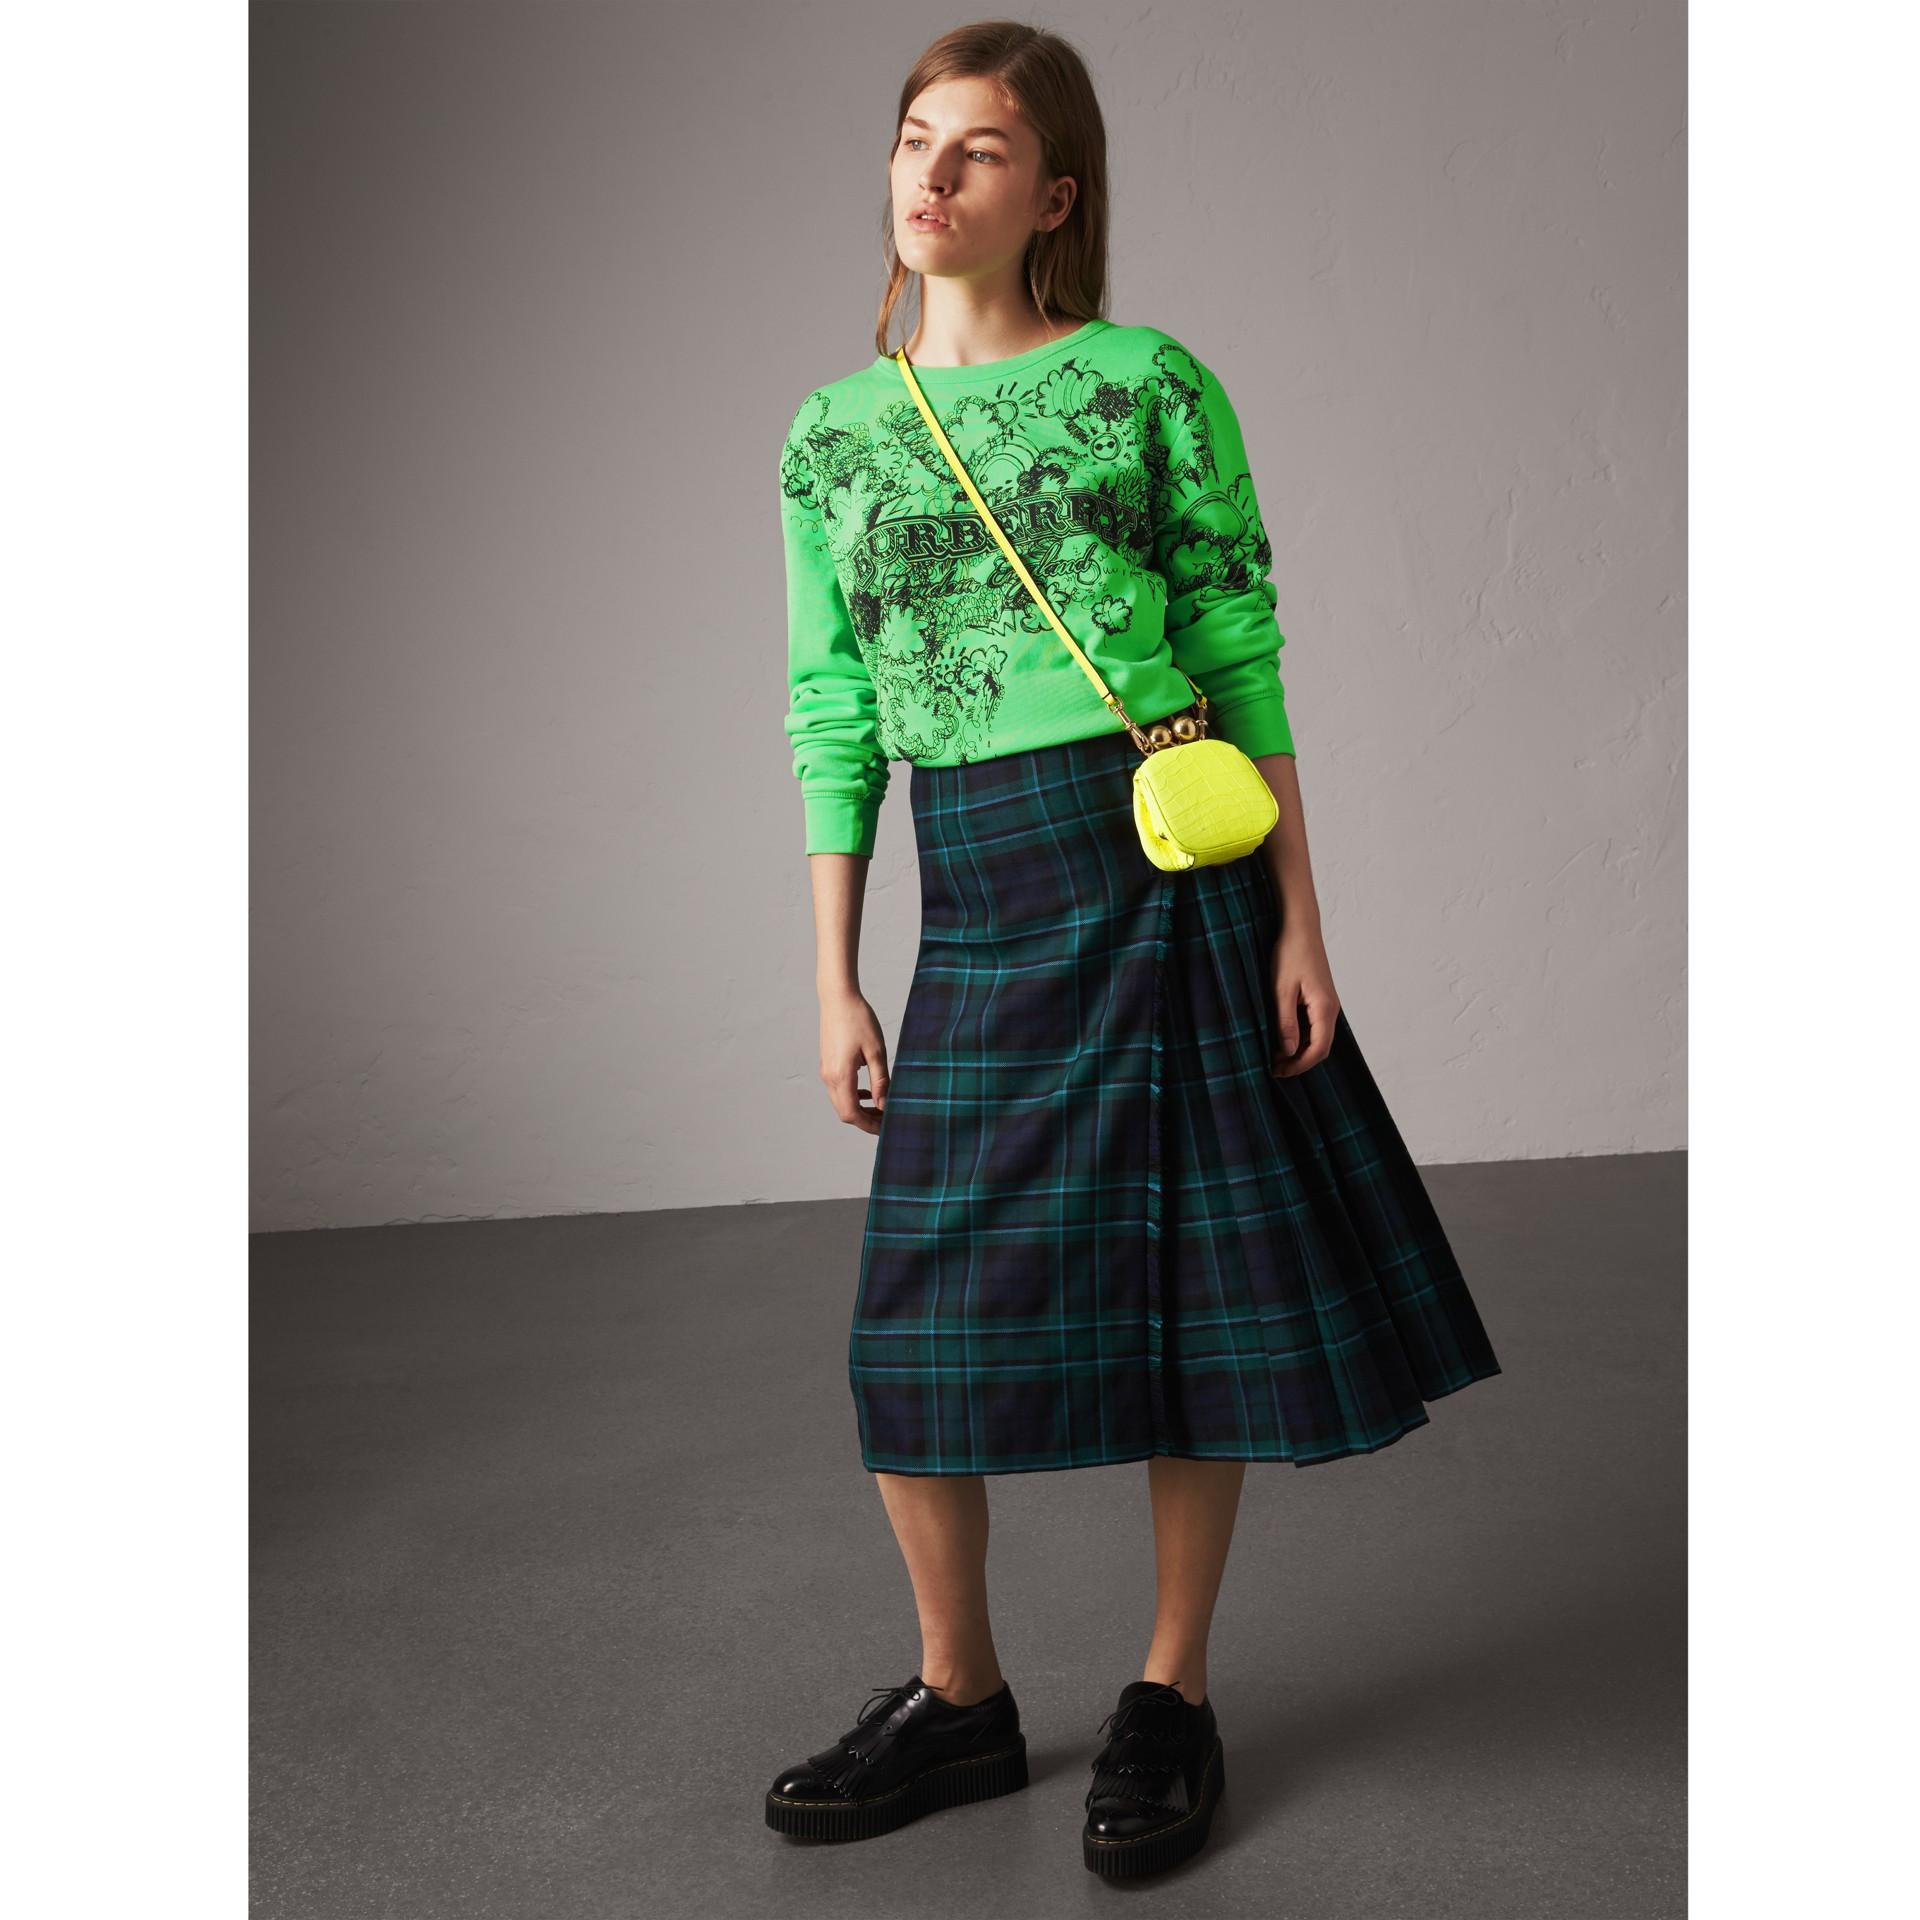 蘇格蘭格紋羊毛蘇格蘭裙 (松柏綠) - 女款 | Burberry - 圖庫照片 0